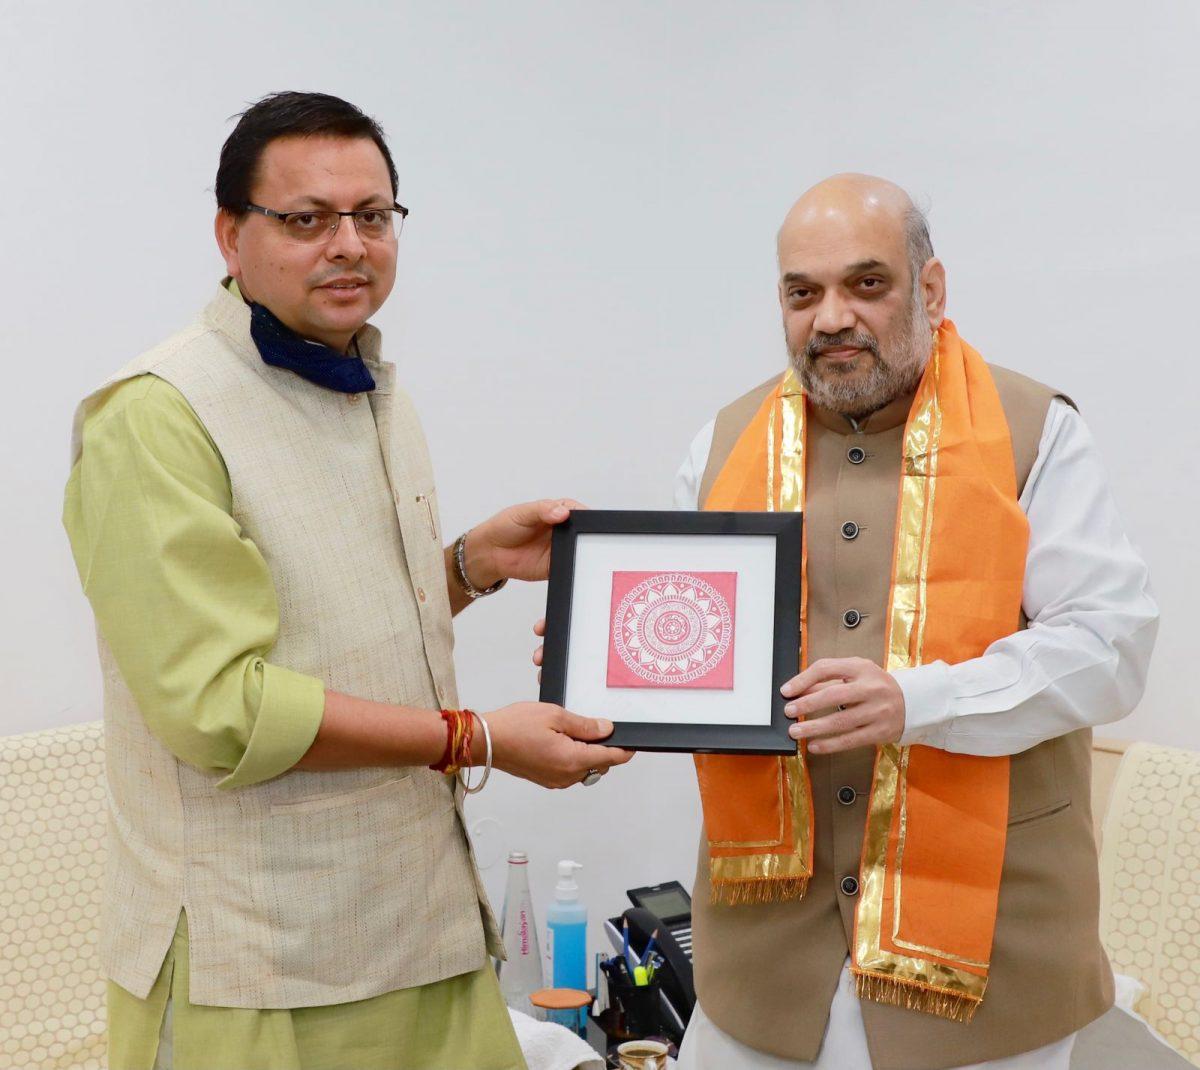 दिल्ली: गृहमंत्री अमित शाह से सीएम धामी की मुलाकात, कुमाऊं में एम्स का किया अनुरोध